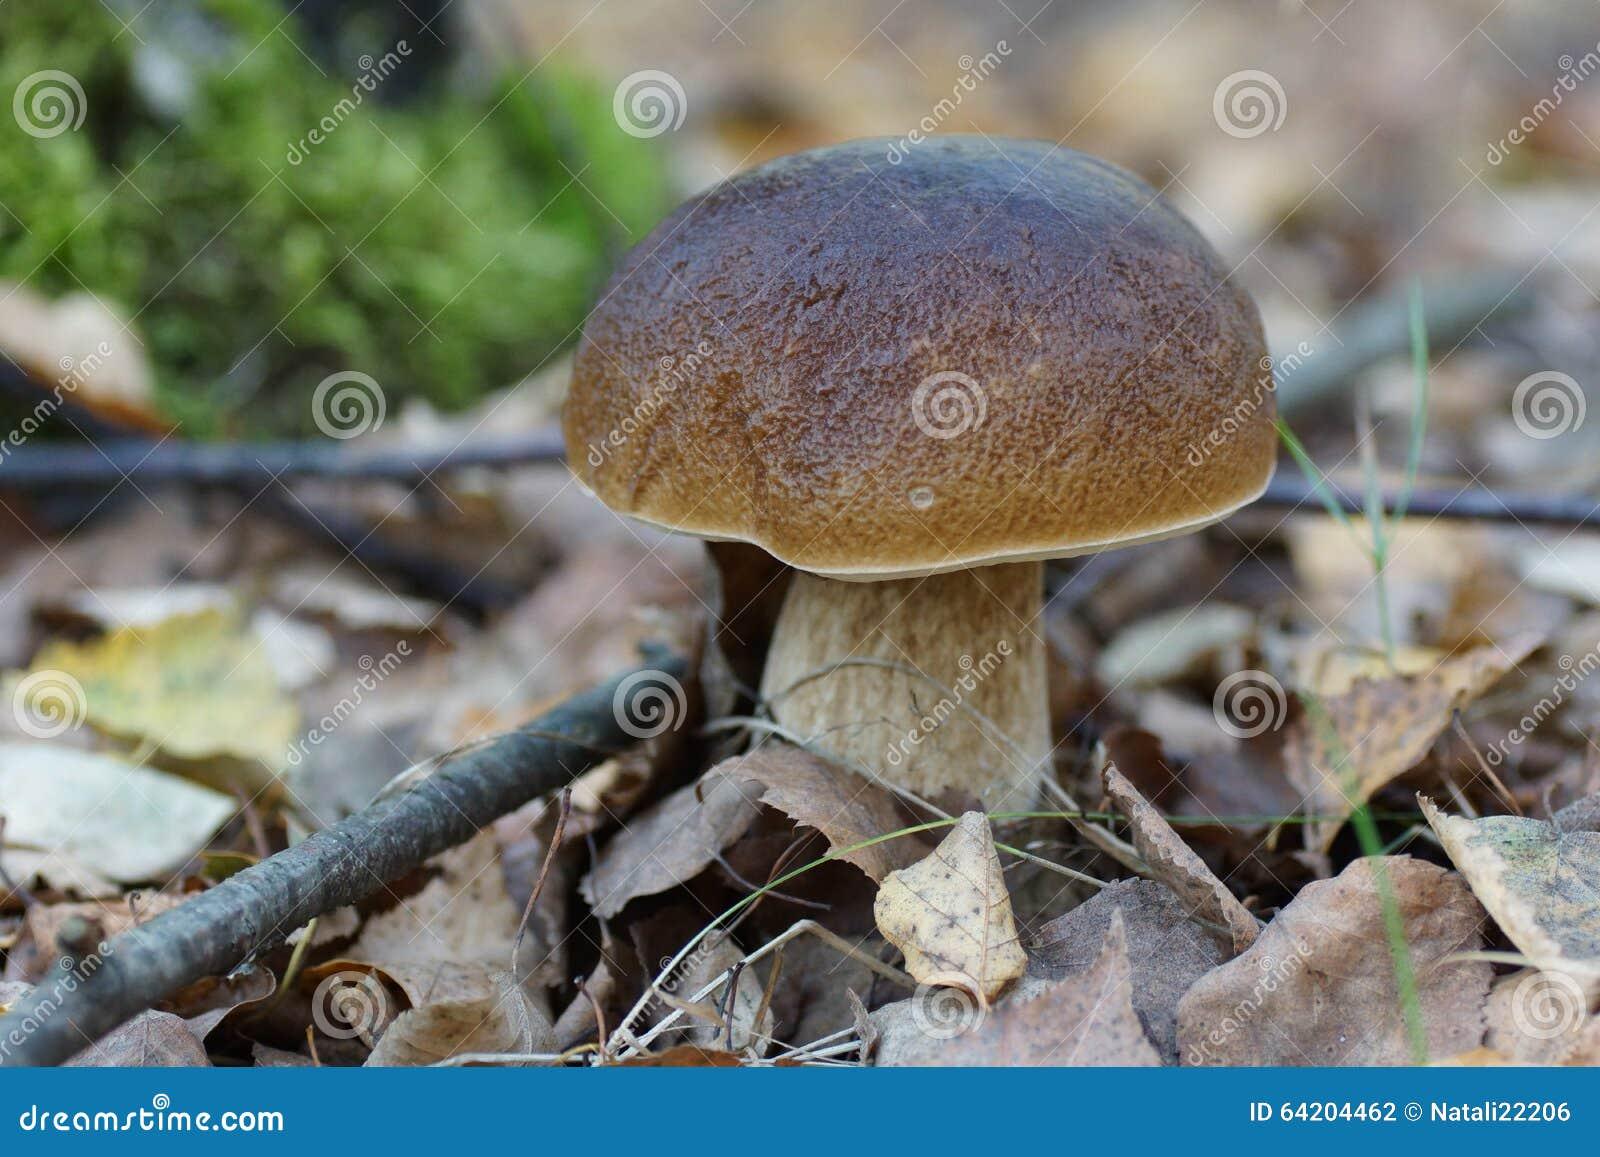 可食的牛肝菌蕈类,等概率圆,便士小圆面包, porcino, porcini,国王牛肝菌